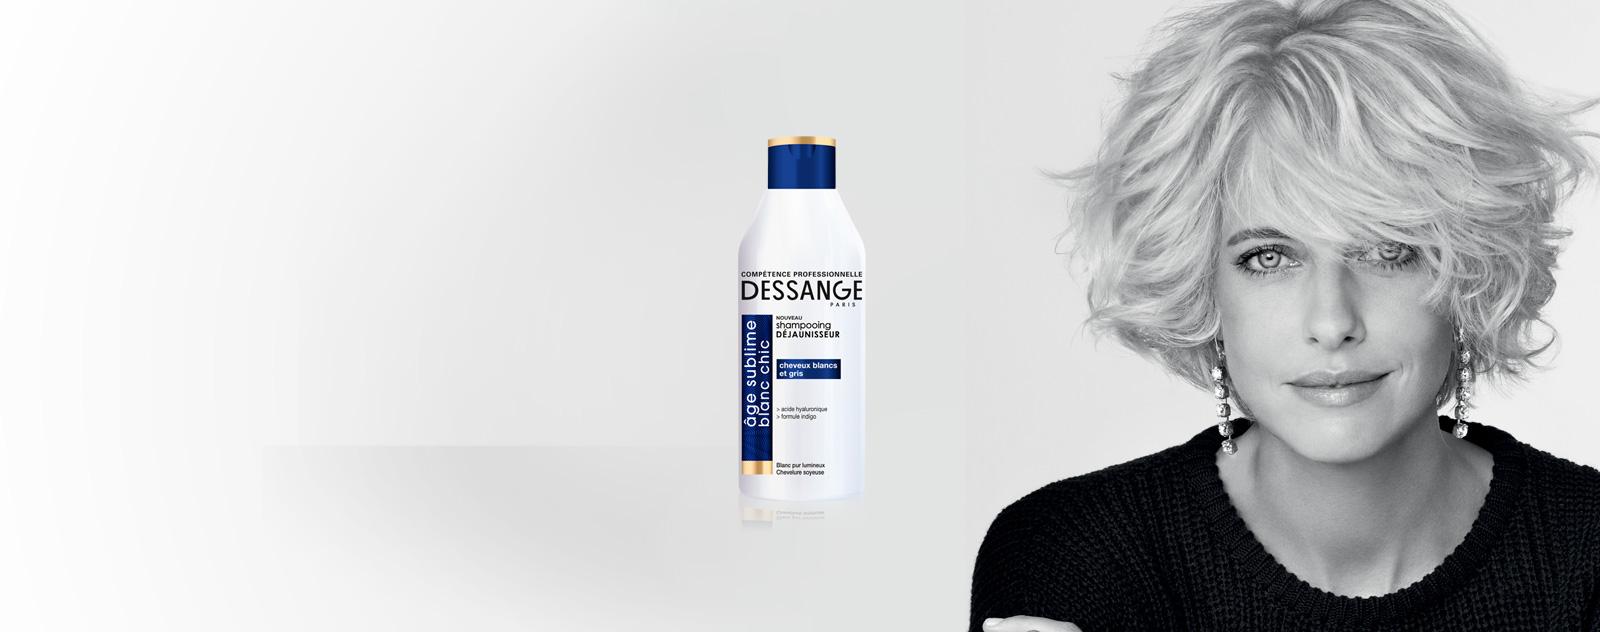 Shampoing pour cheveux gris dessange